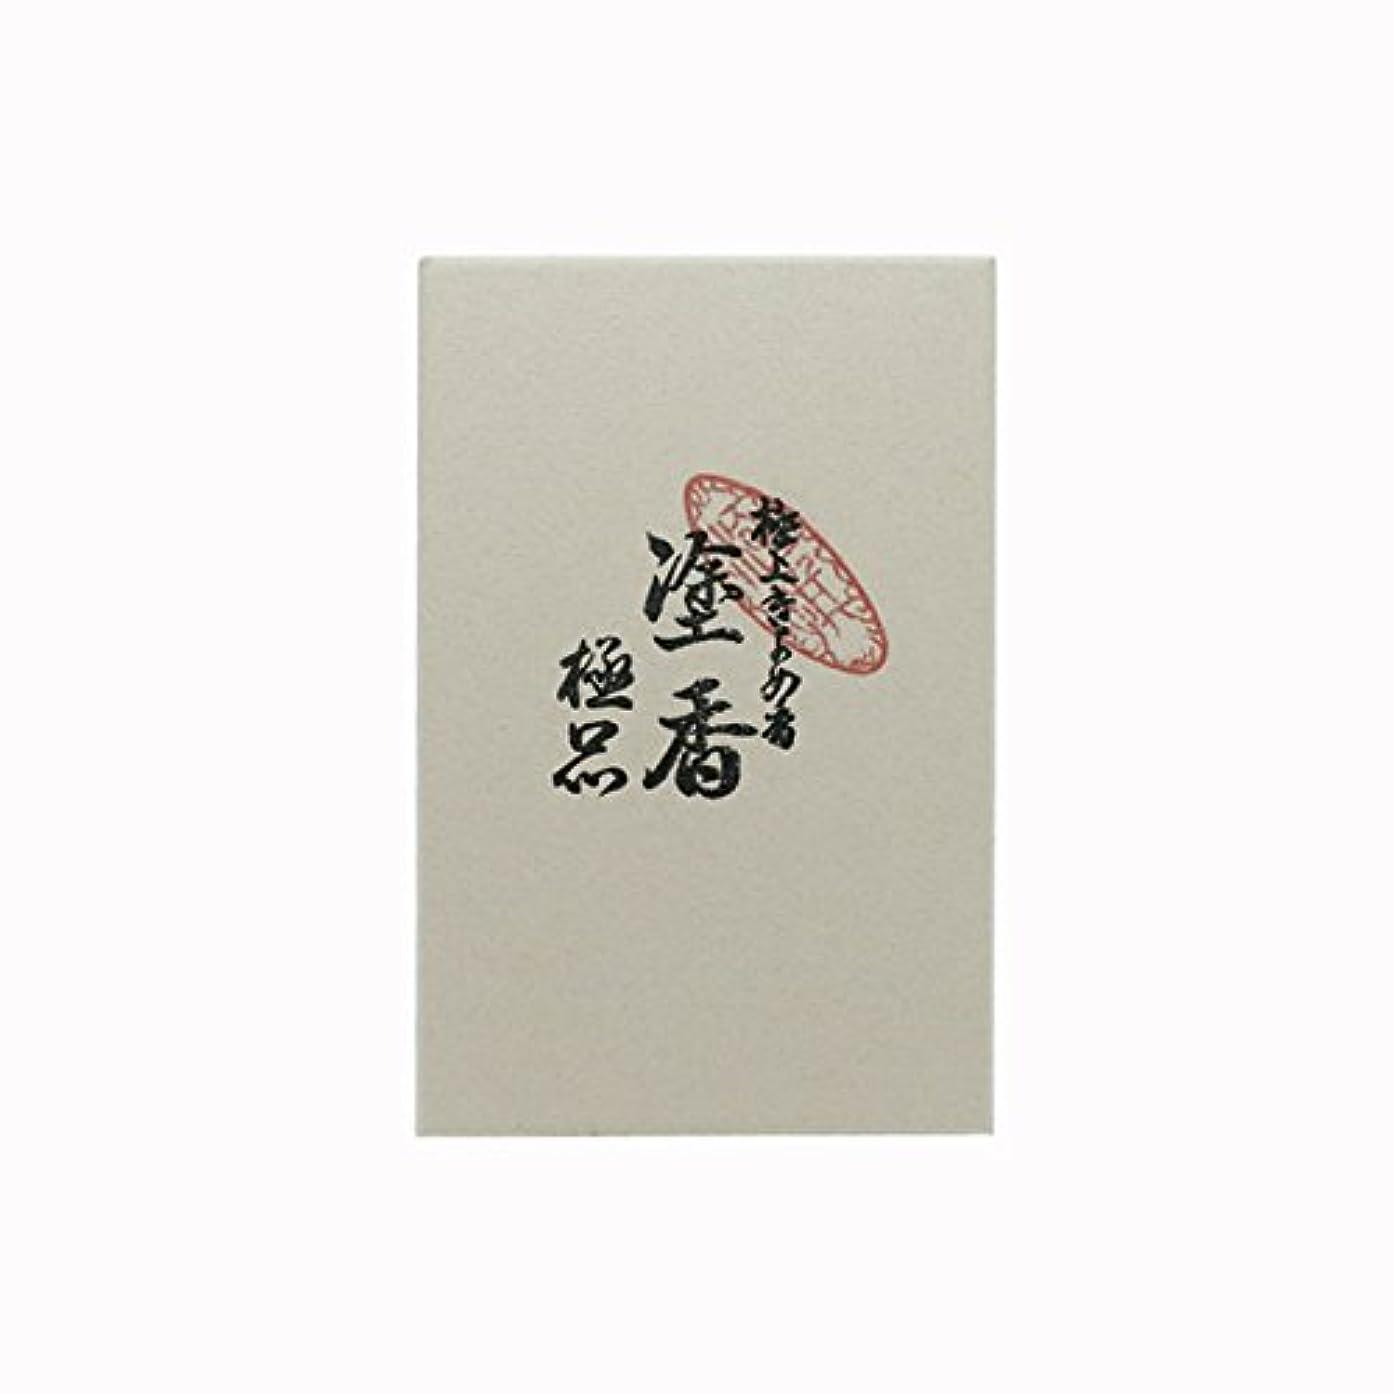 ご飯混合ロンドン塗香(極品) 20g入